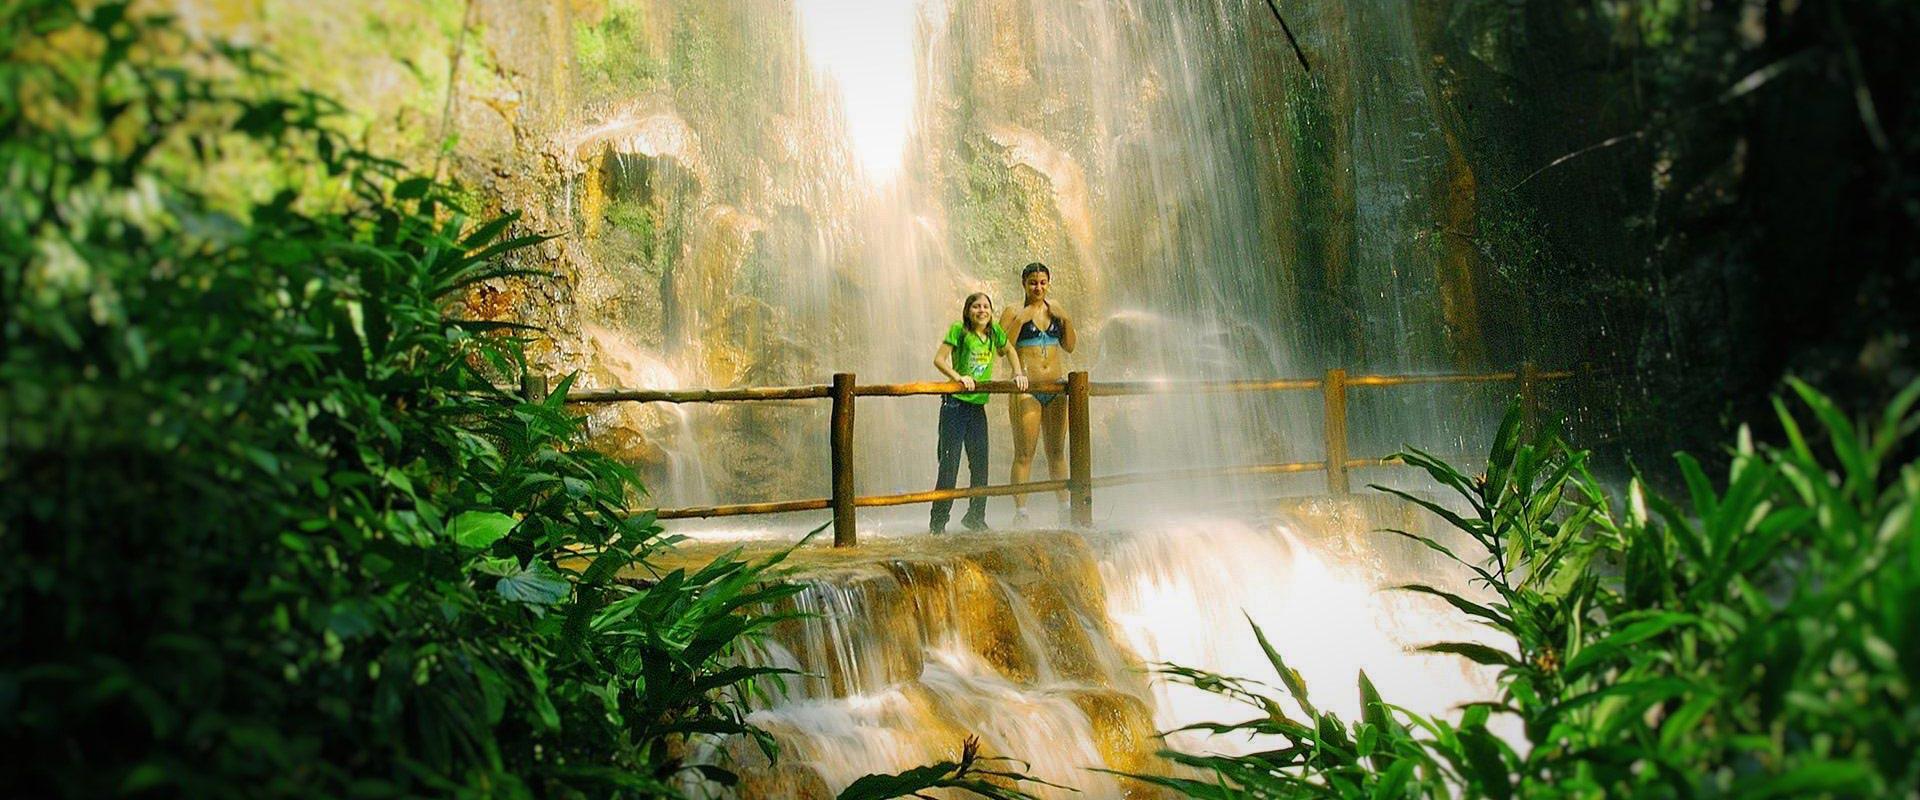 banho-cachoeira-rencanto-das-cachoeiras-brotas